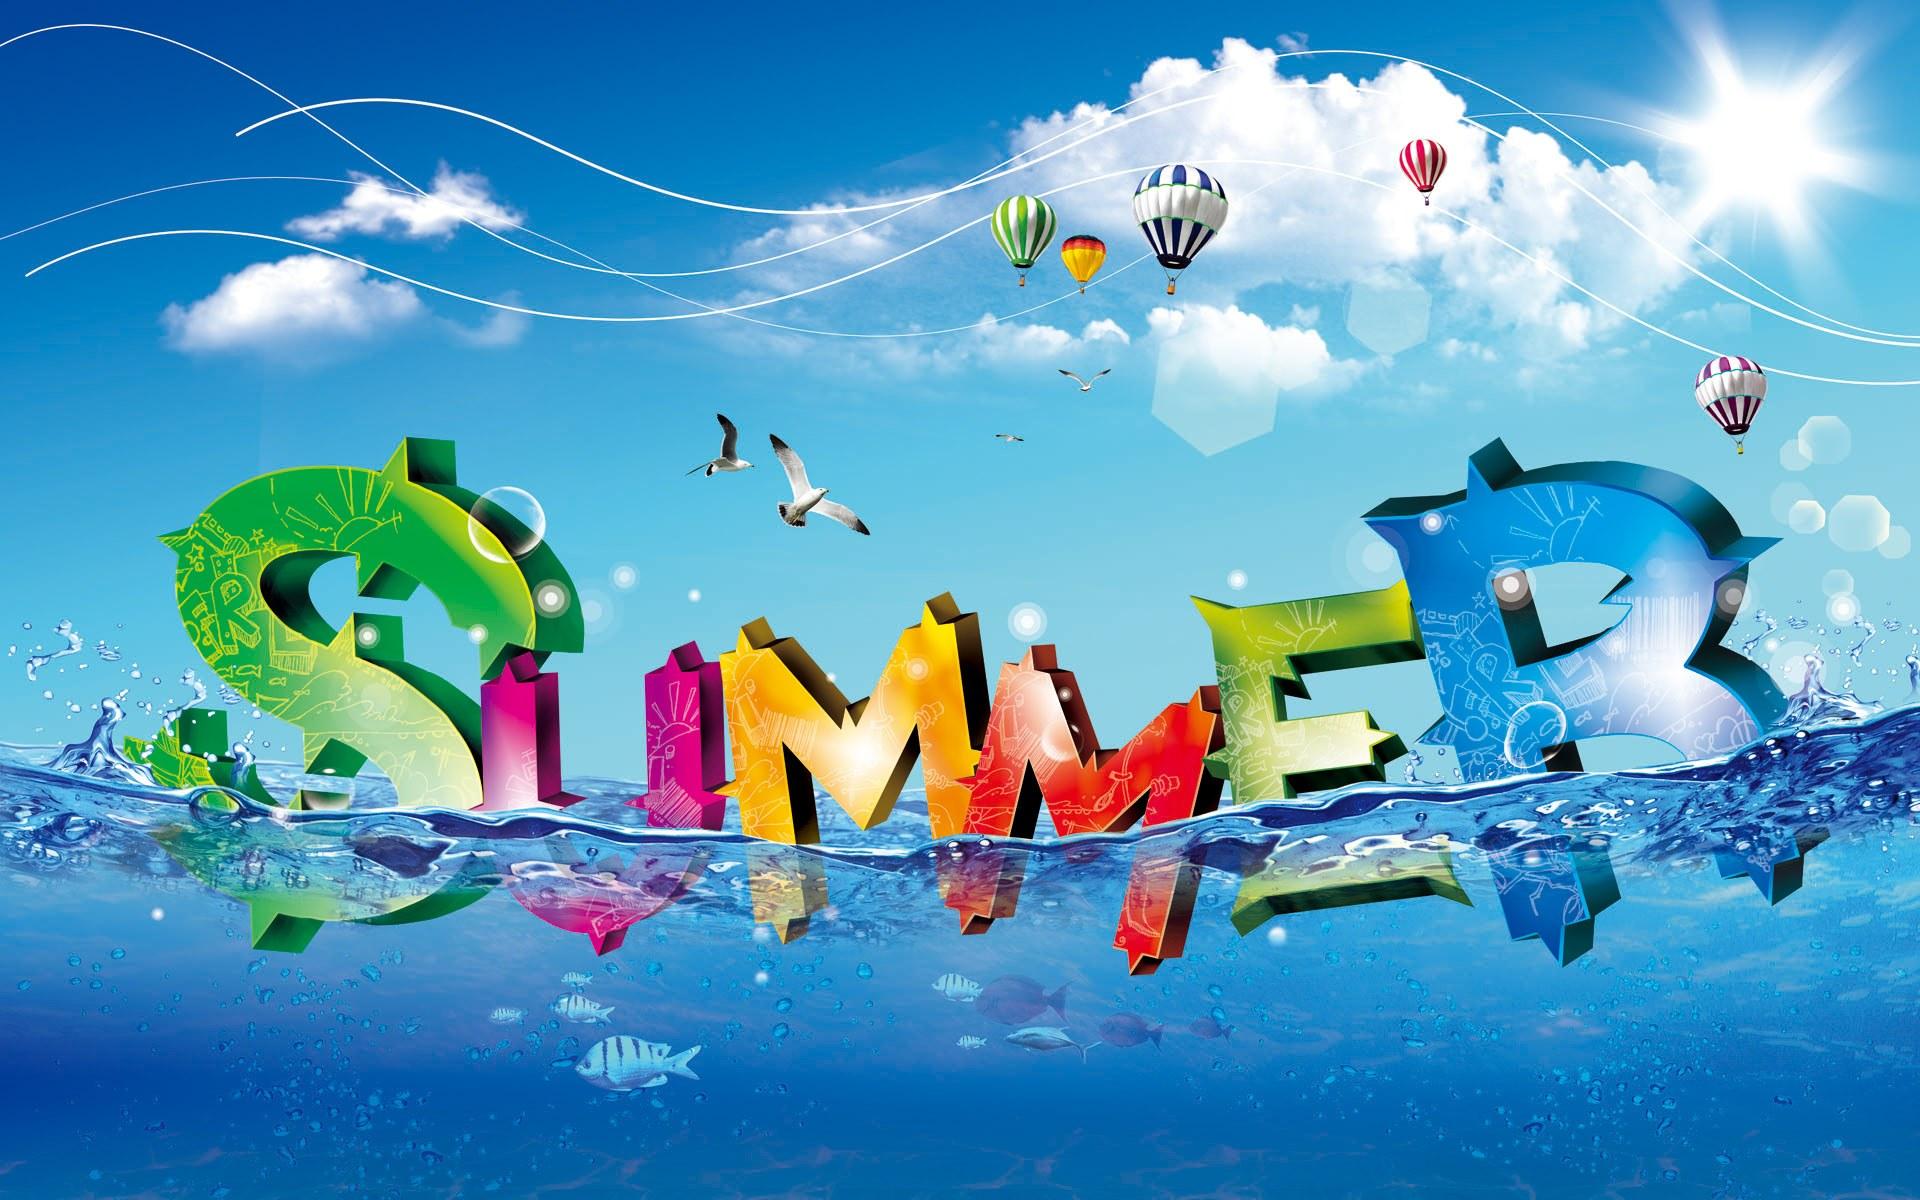 лето, summer wallpaper, скачать фото, обои для рабочего стола, вода, море